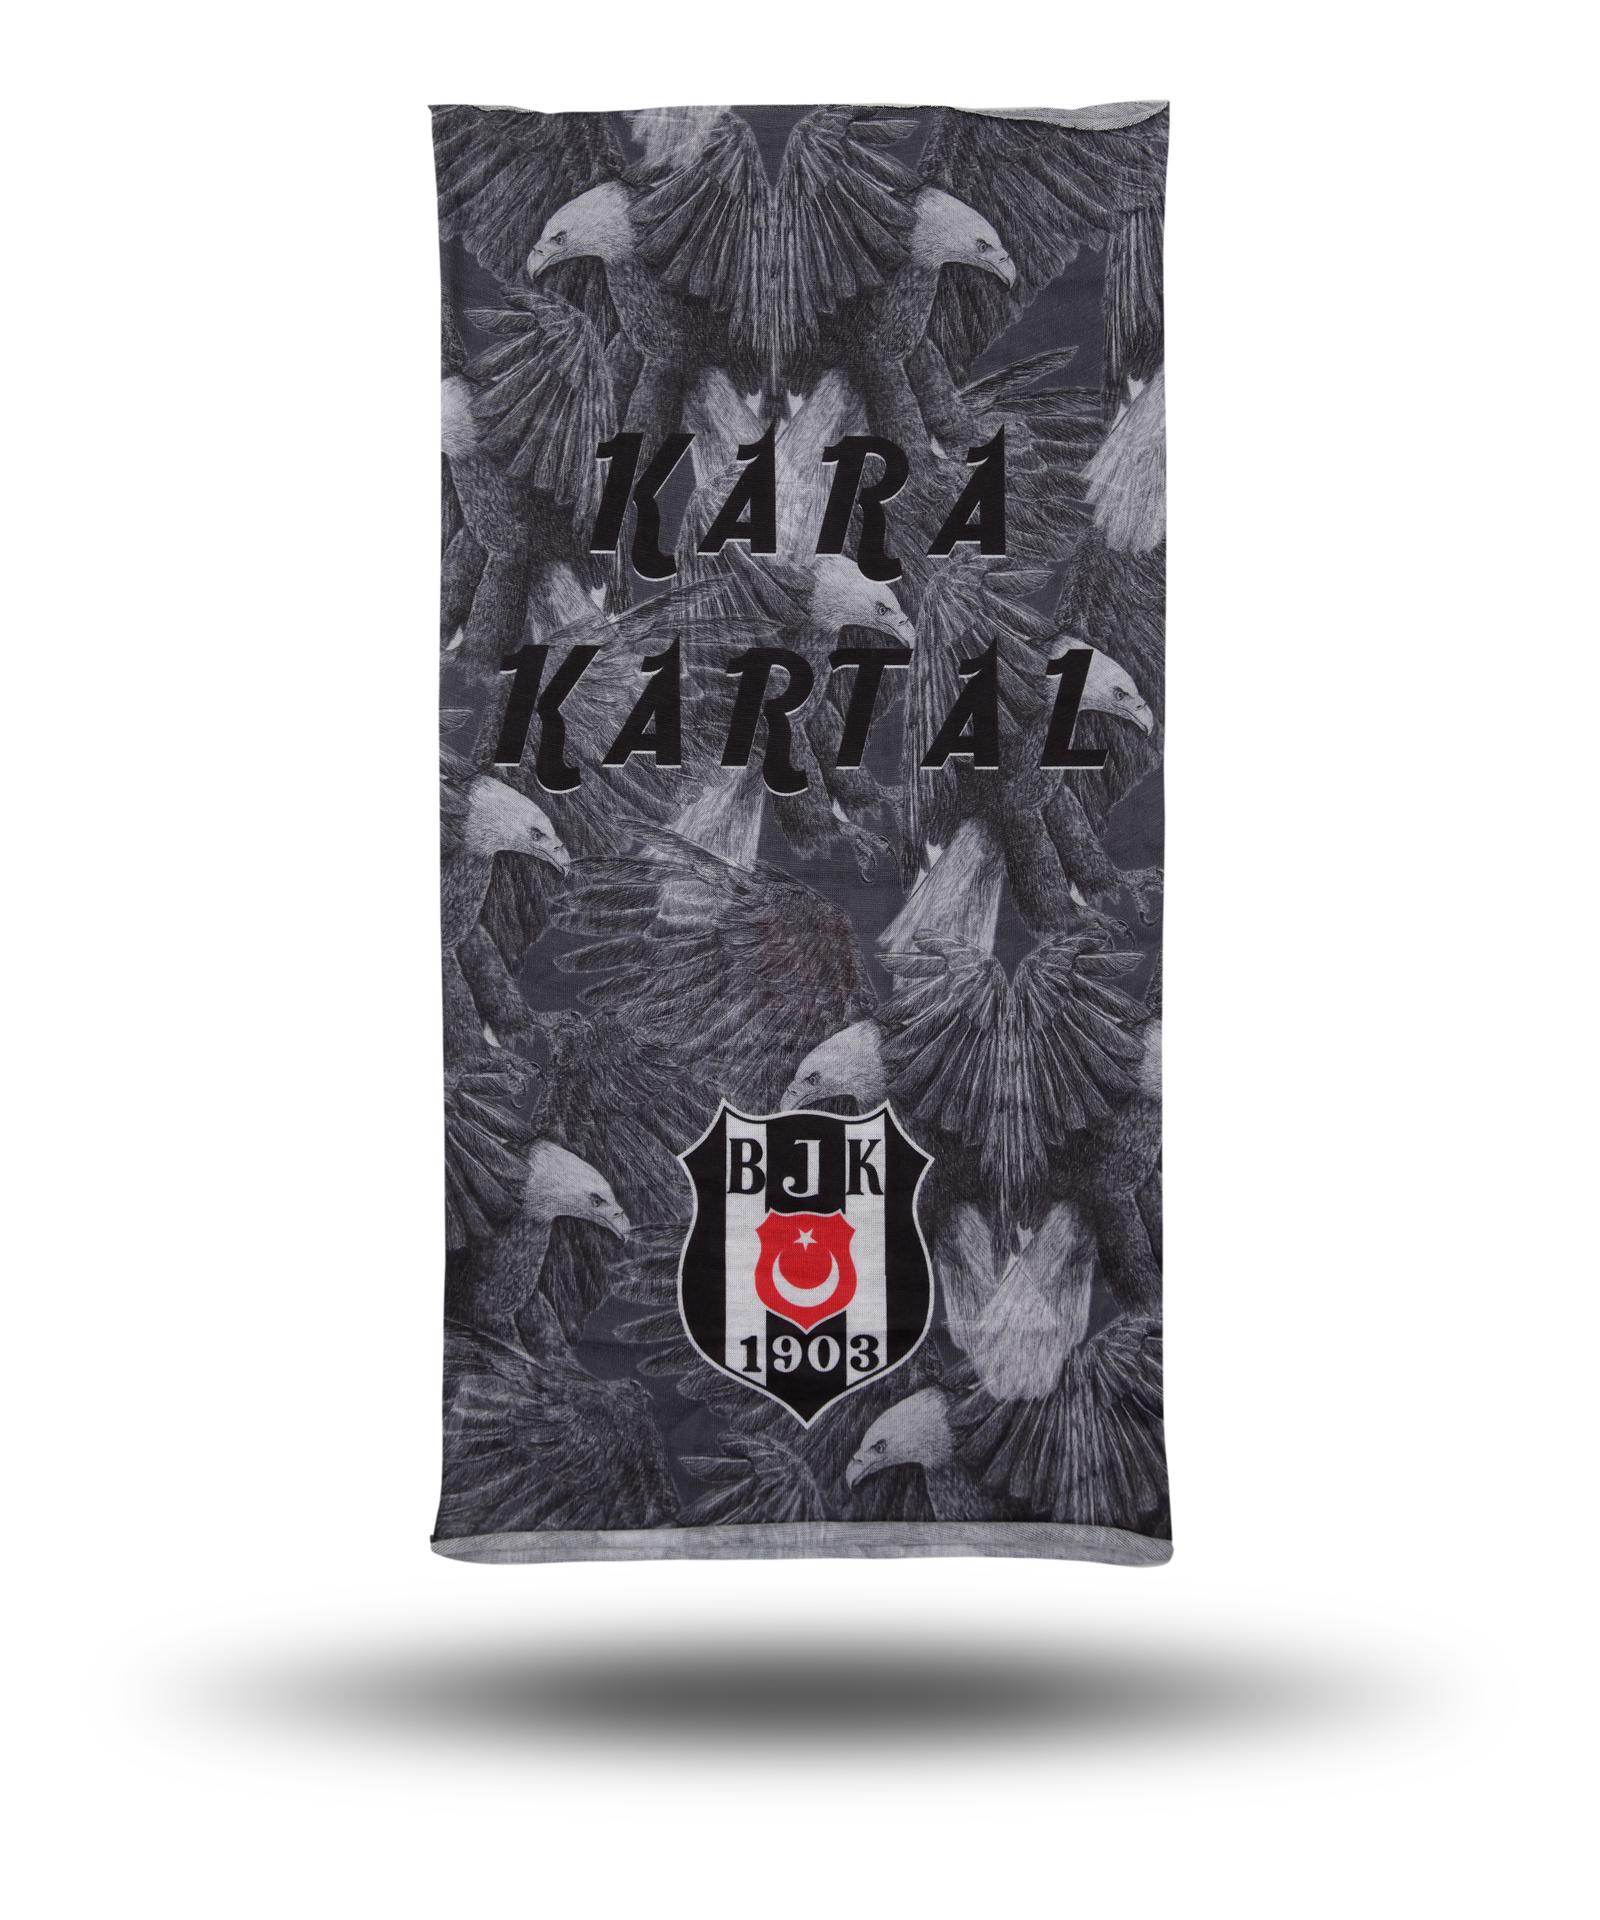 BEŞİKTAŞ KARA KARTAL BANDANA 2102